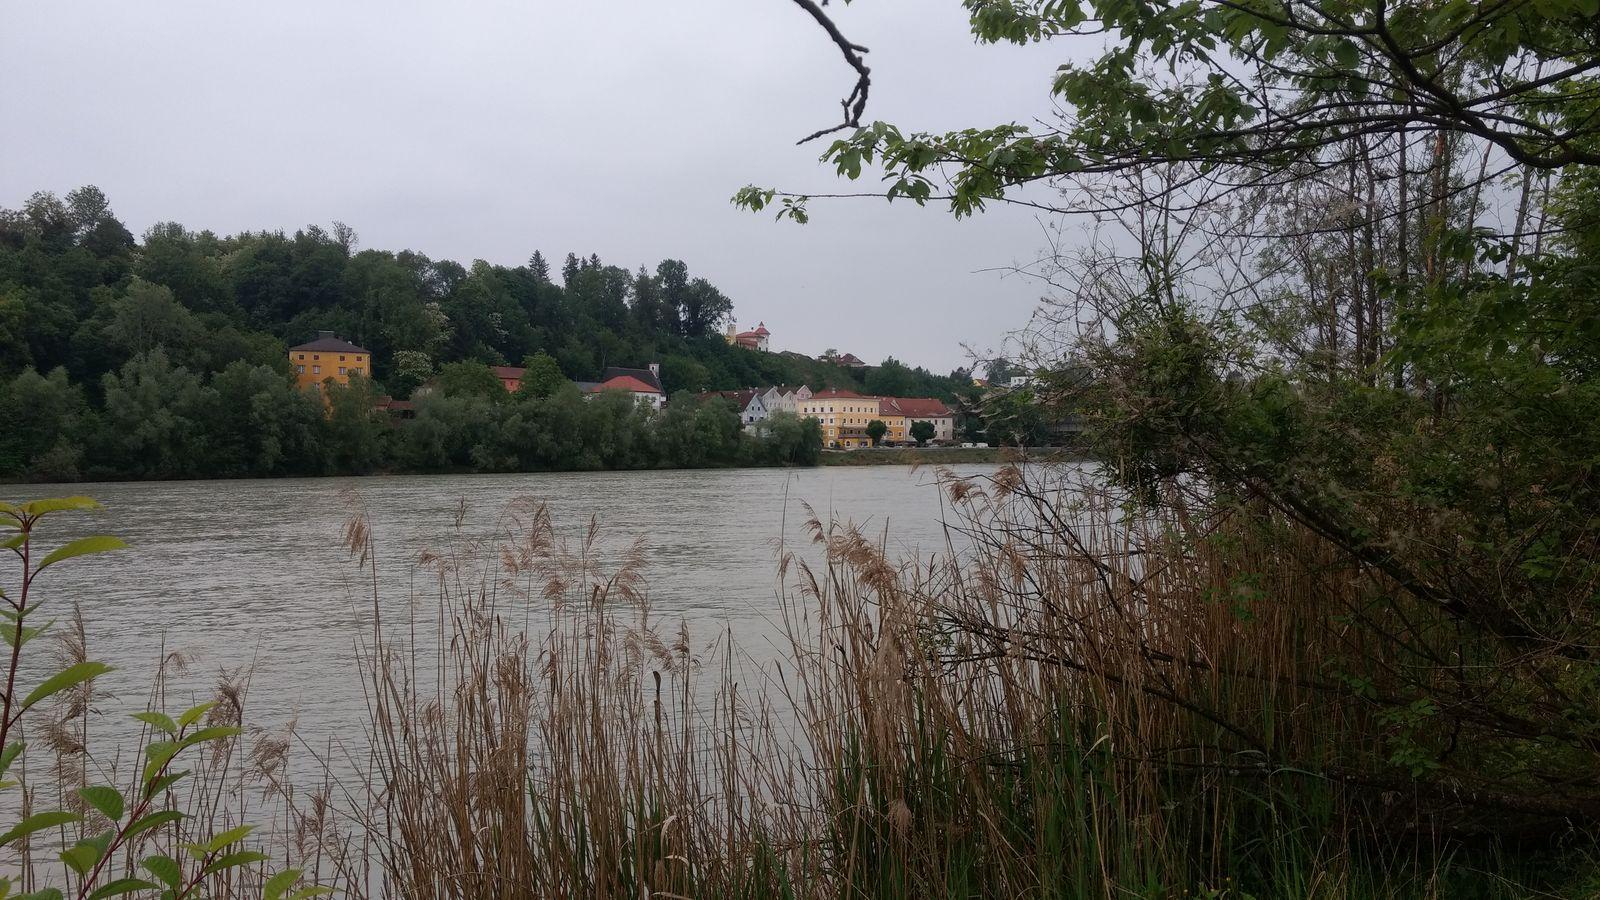 Joggen und Wandern in den Innauen von Bad Füssing: Obernberg und Inn